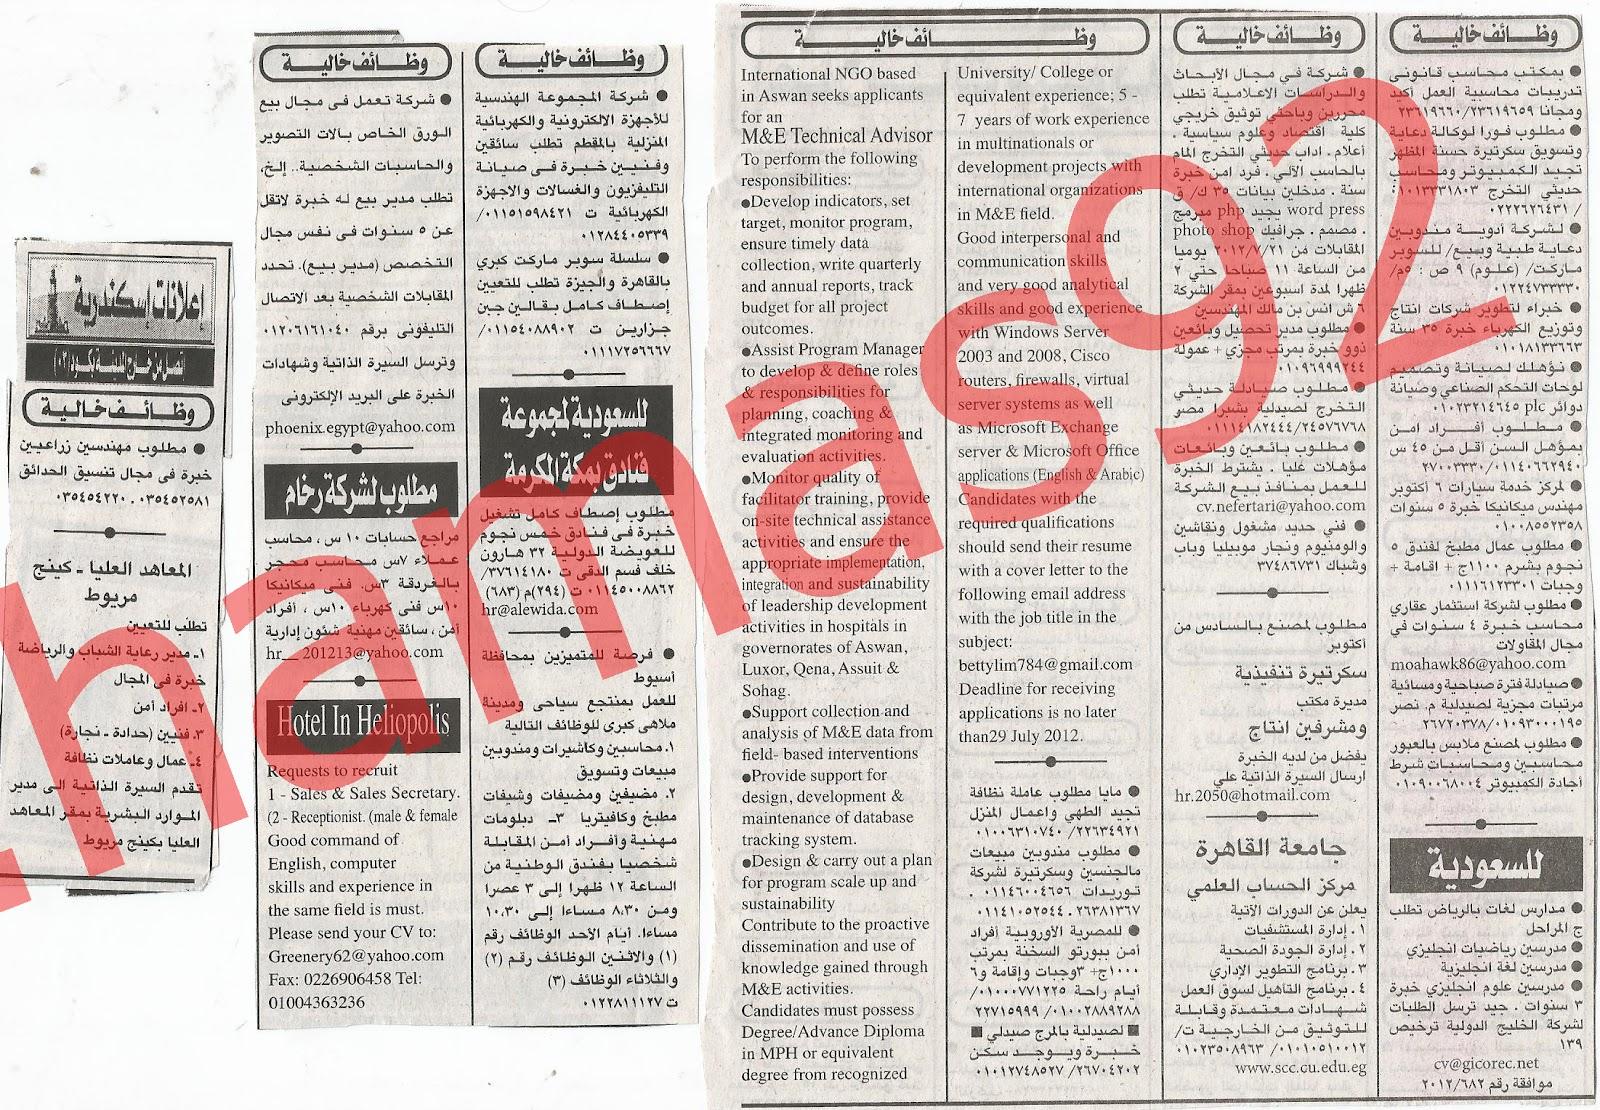 وظائف جريدة الاهرام الجمعة 20/7/2012 - الاعلانات كاملة 1